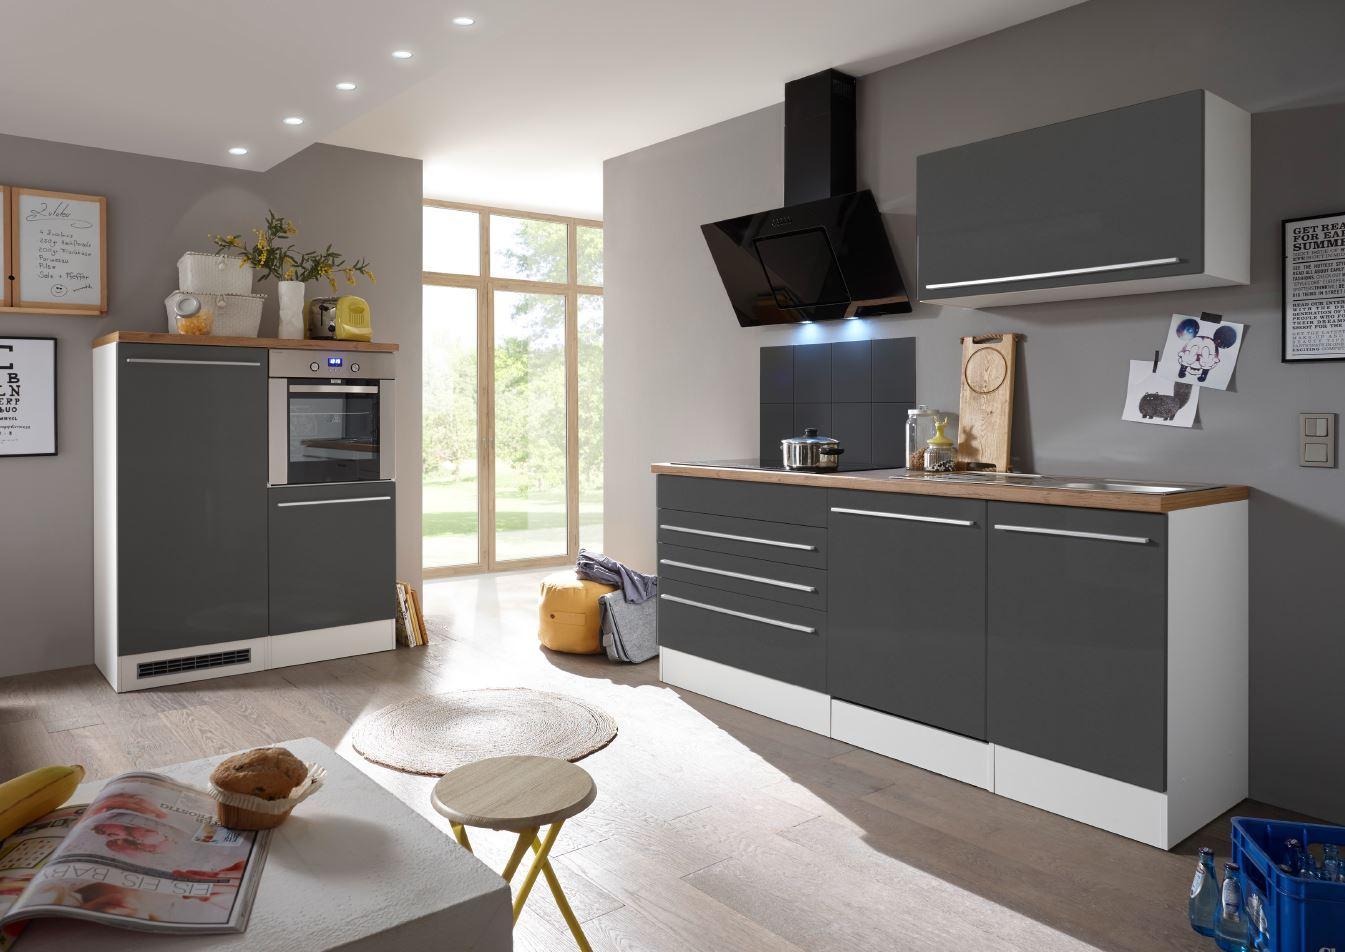 respekta Küche Küchenzeile Küchenblock Einbauküche Komplettküche weiß grau 320cm